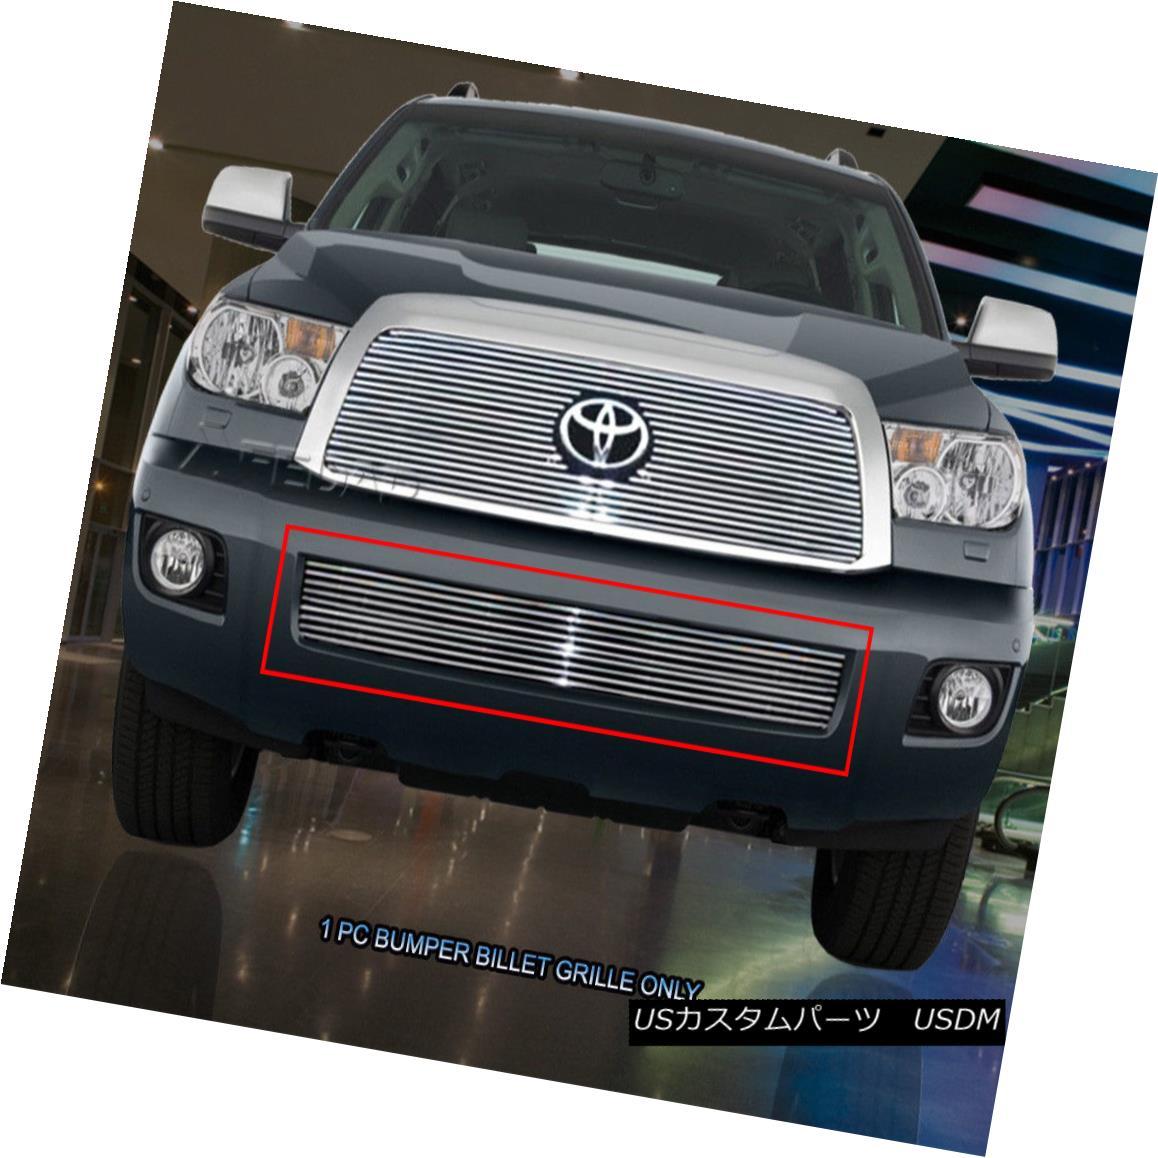 グリル 08-13 Toyota Sequoia Billet Grille Grill Bumper Insert Fedar 08-13トヨタセコイアビレットグリルグリルバンパーインサートフェルダ